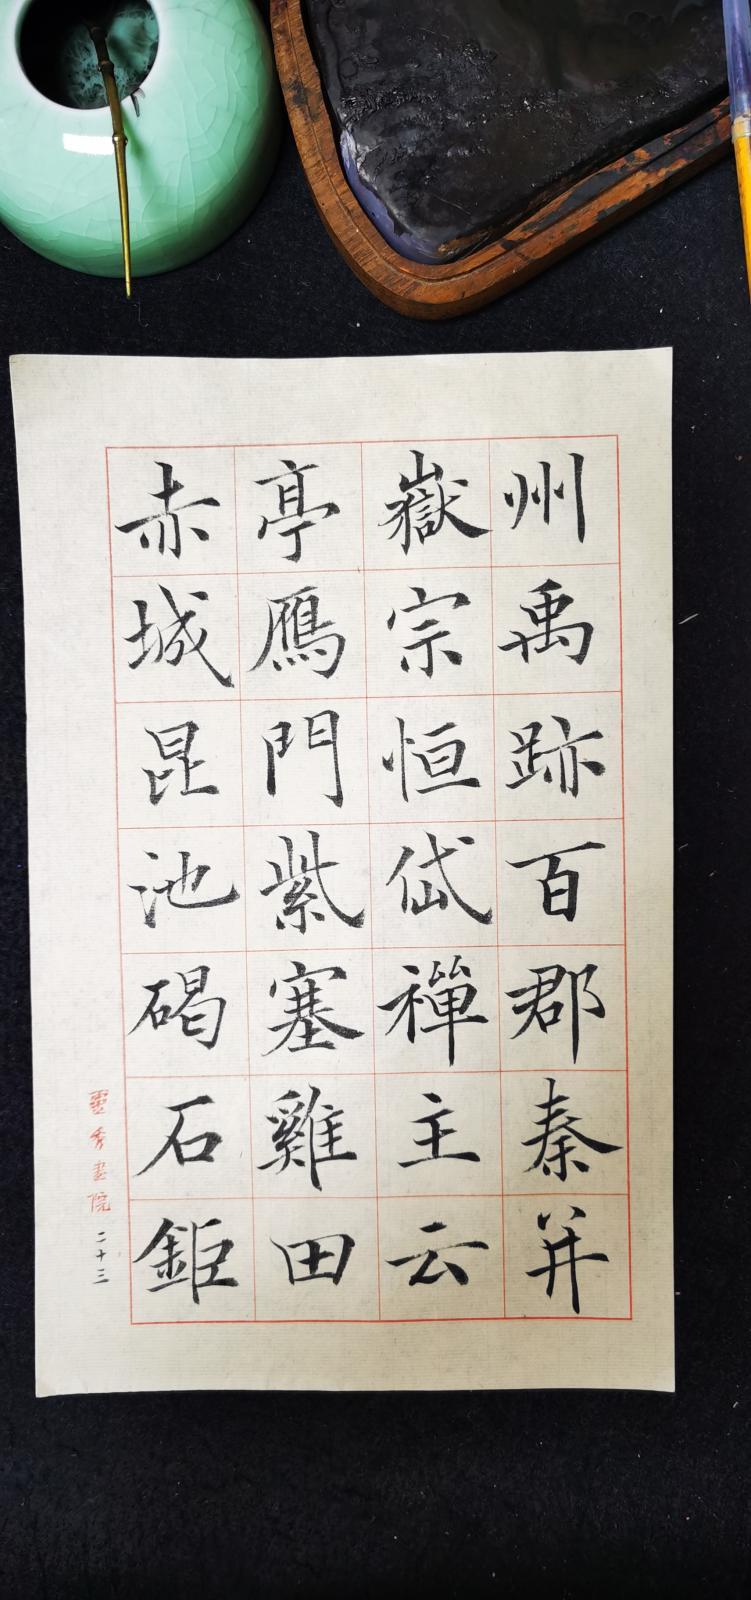 潘永耀老师千字文